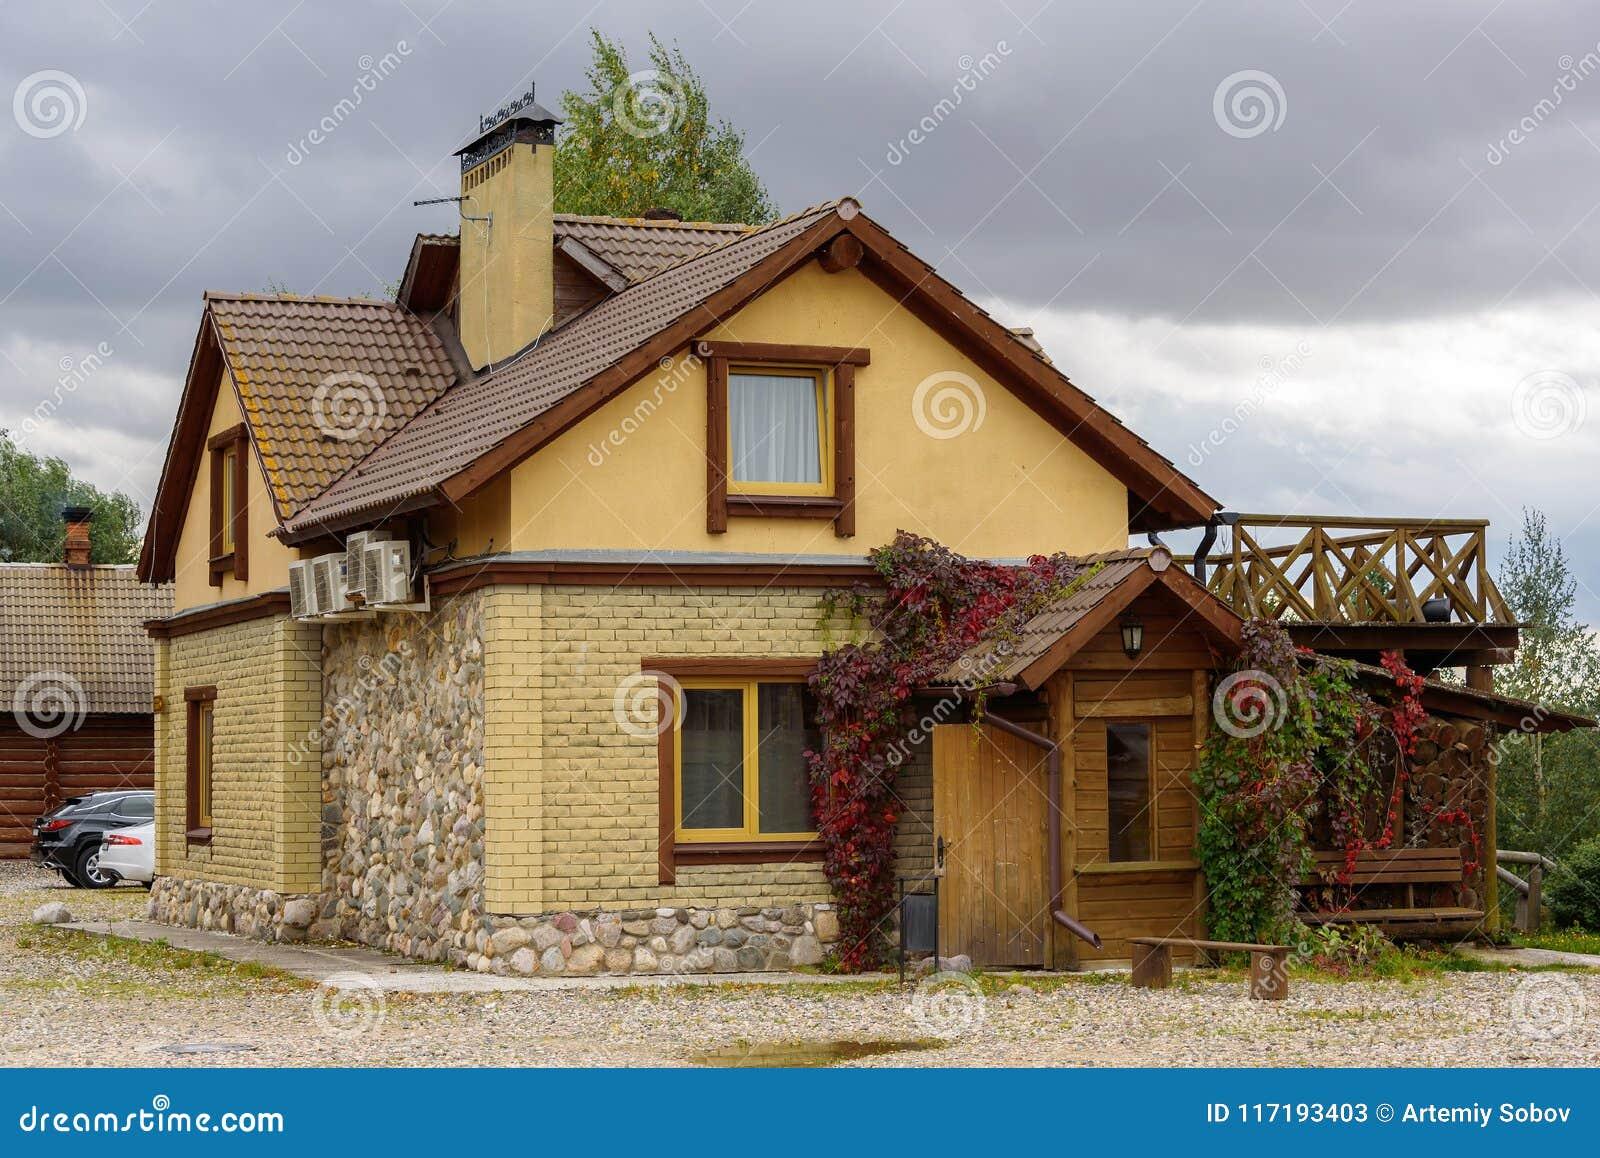 Wunderbar Ein Kleines Modernes Haus Gemacht Vom Gelben Ziegelstein Und Vom Stein